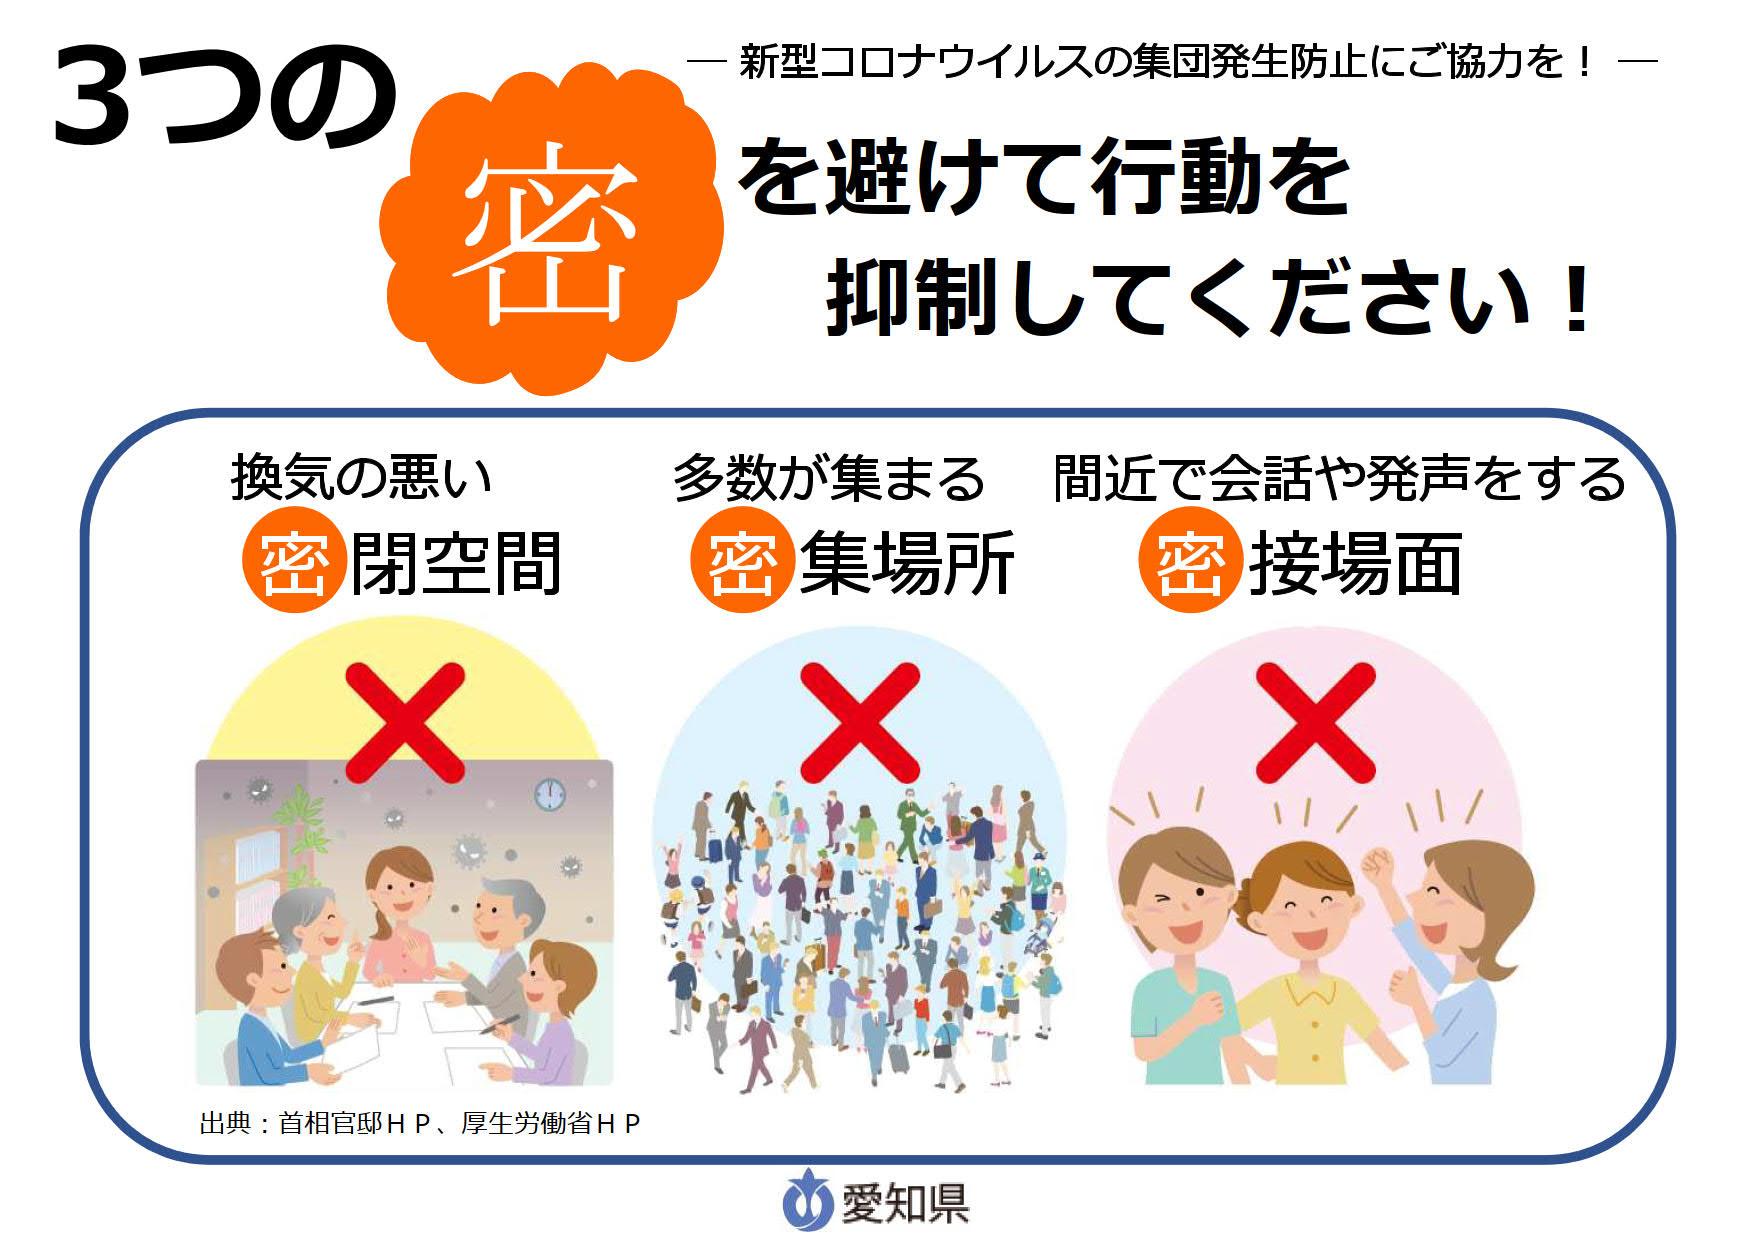 コロナ 区 市 名古屋 緑 ワクチン予約で名古屋市混乱 高齢者が役所に殺到